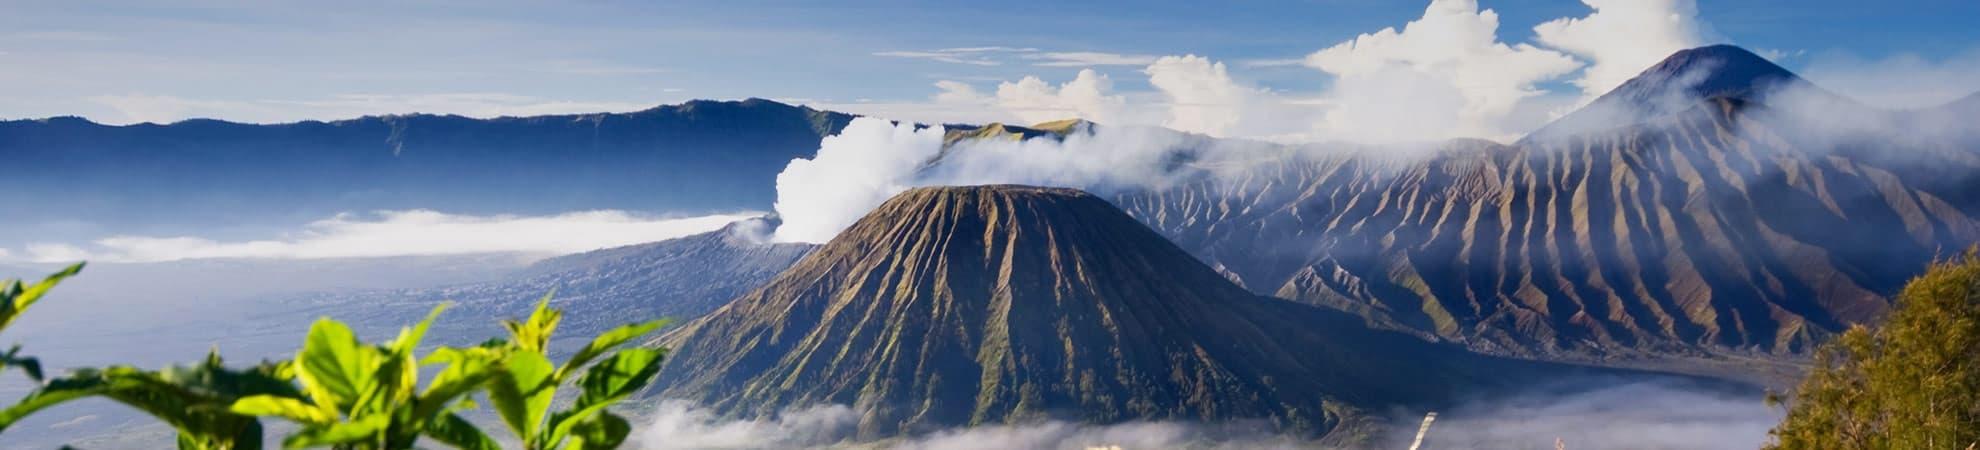 Voyage Java en Indonésie